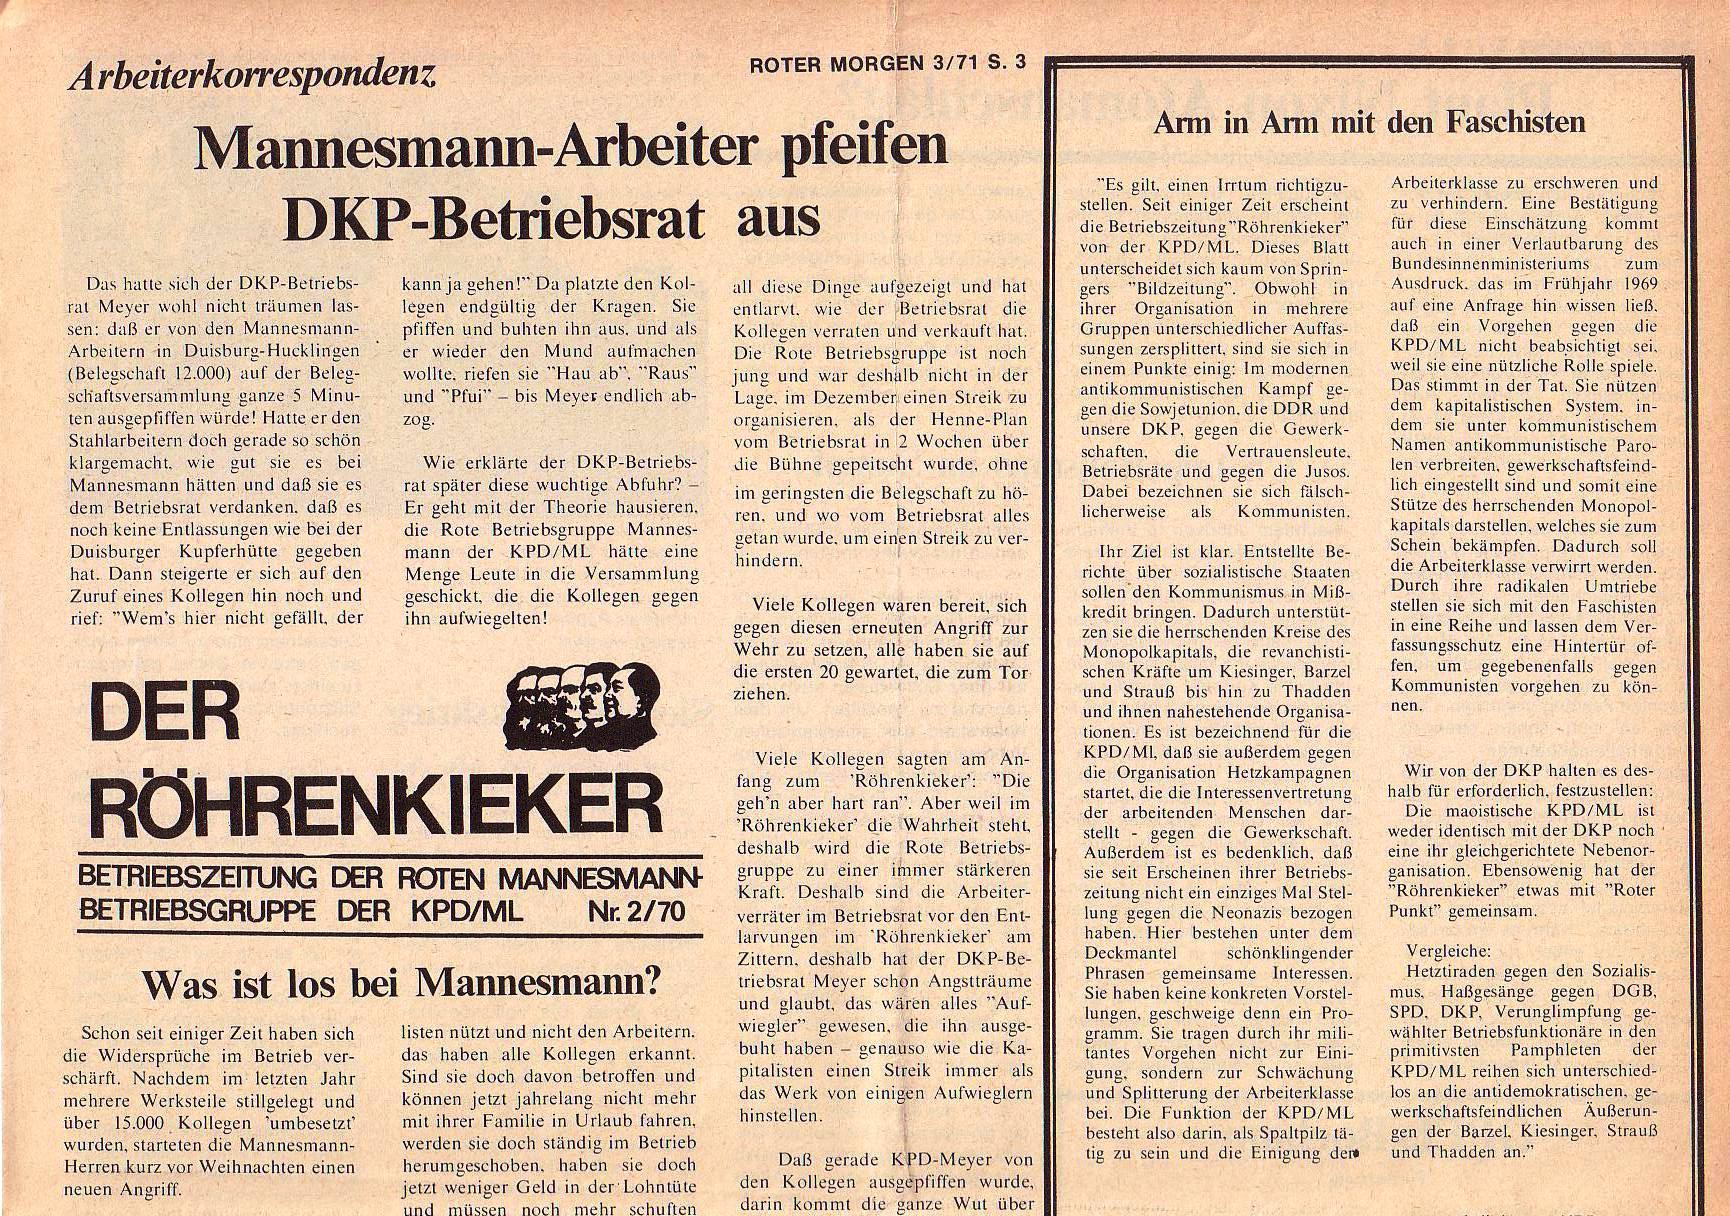 Roter Morgen, 5. Jg., März 1971, Nr. 3, Seite 3a